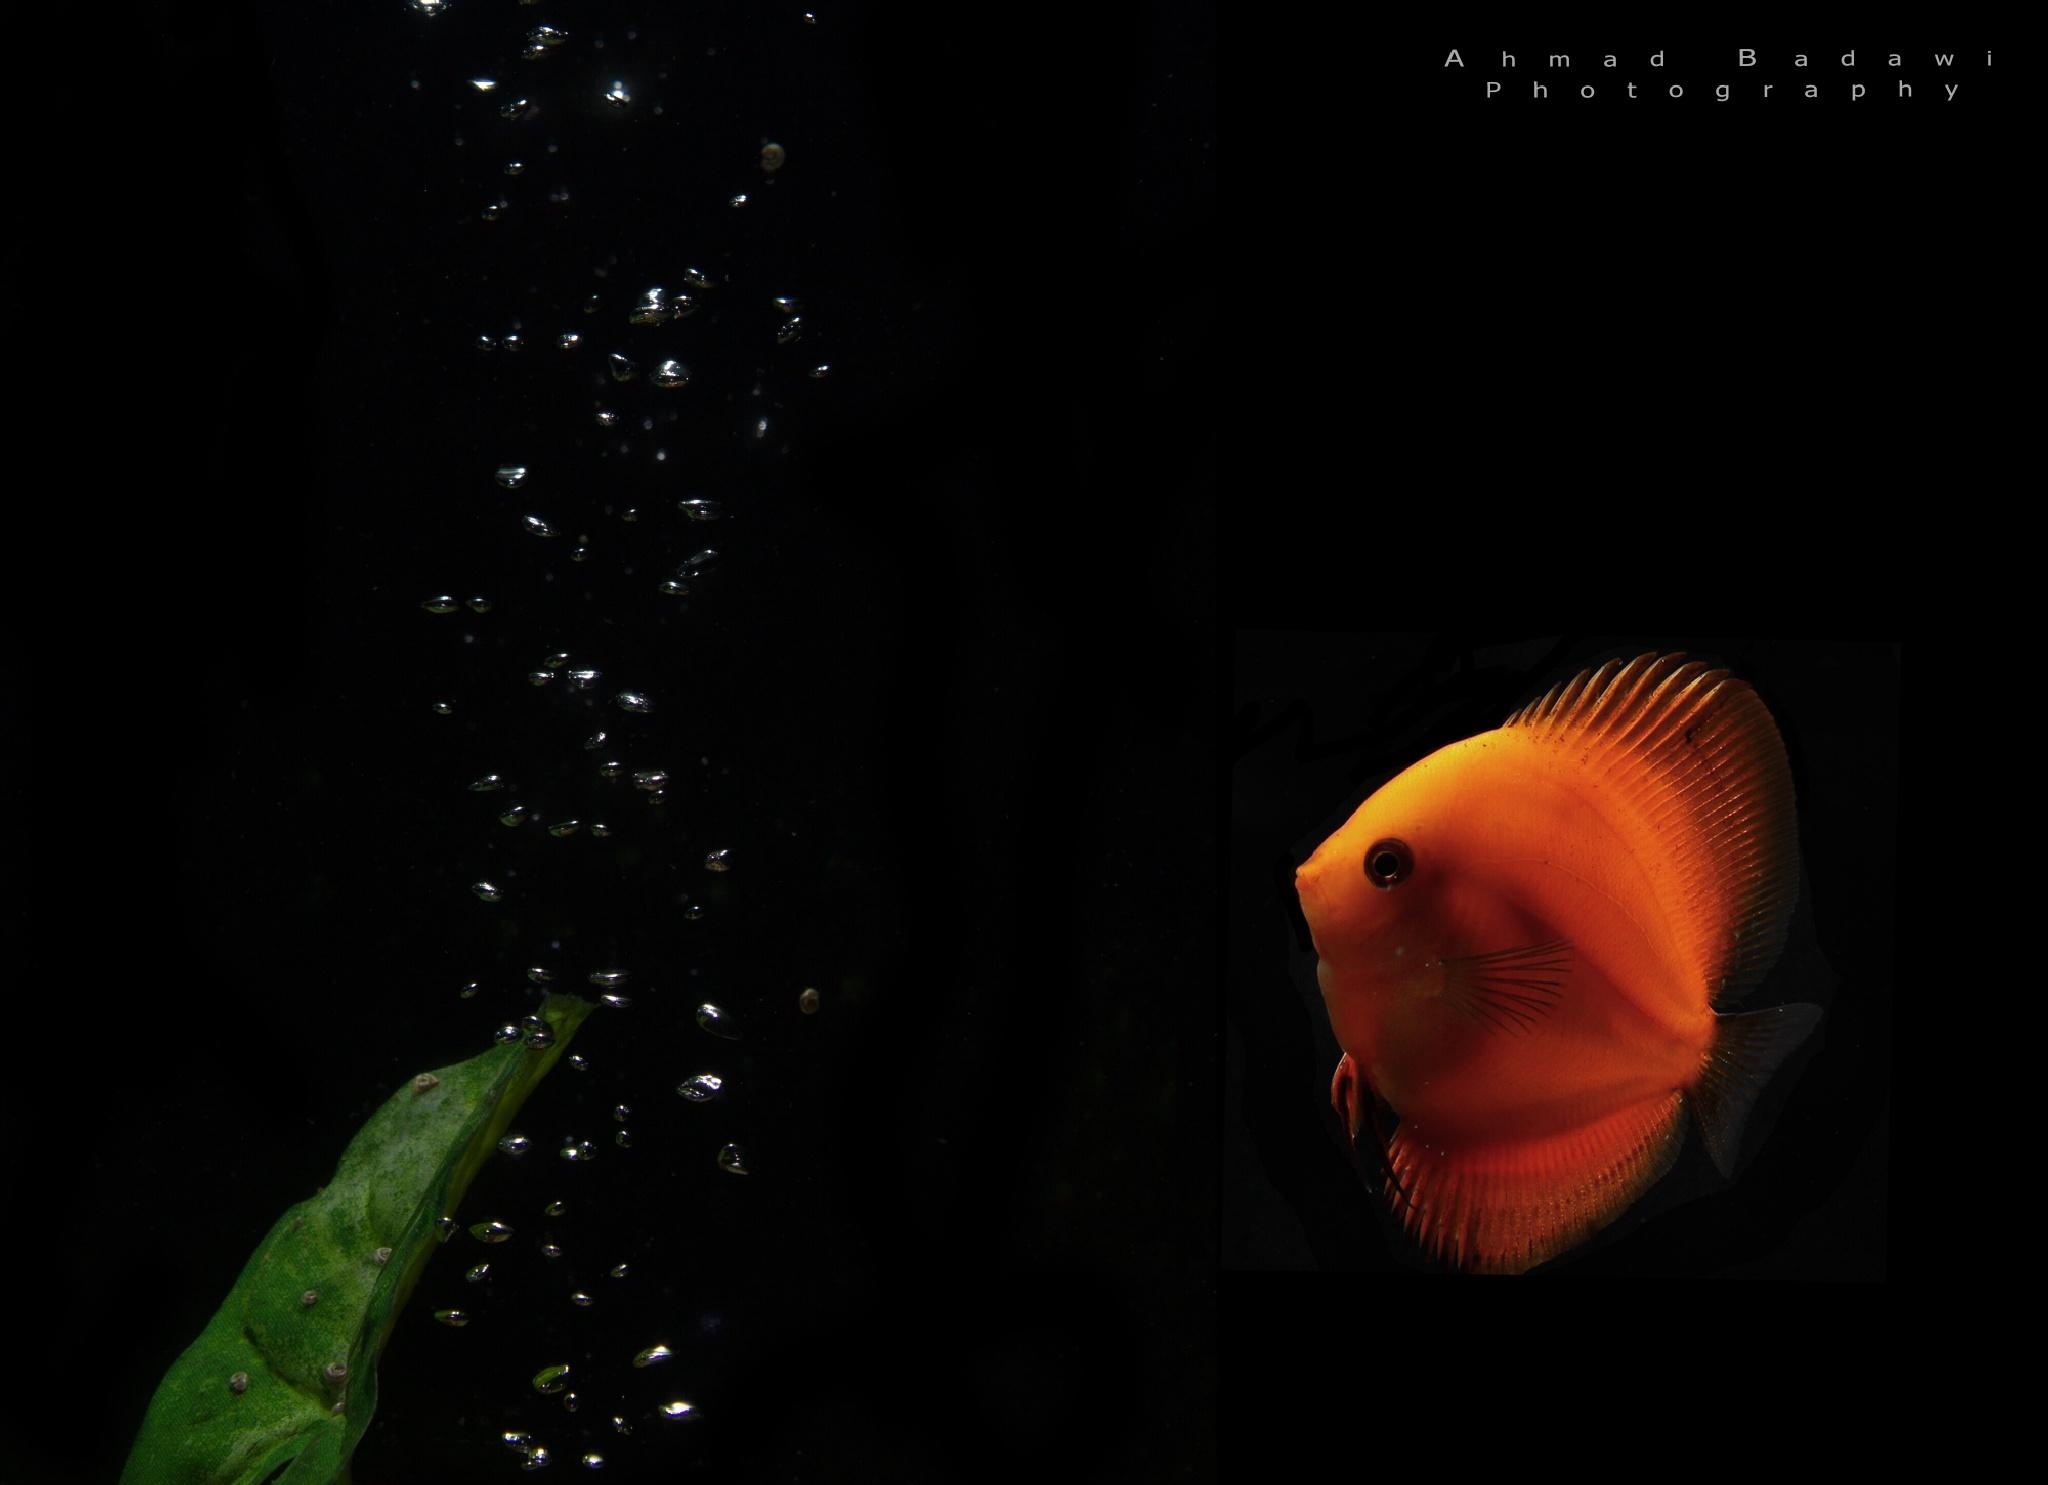 Orange by Ahmad Badawi